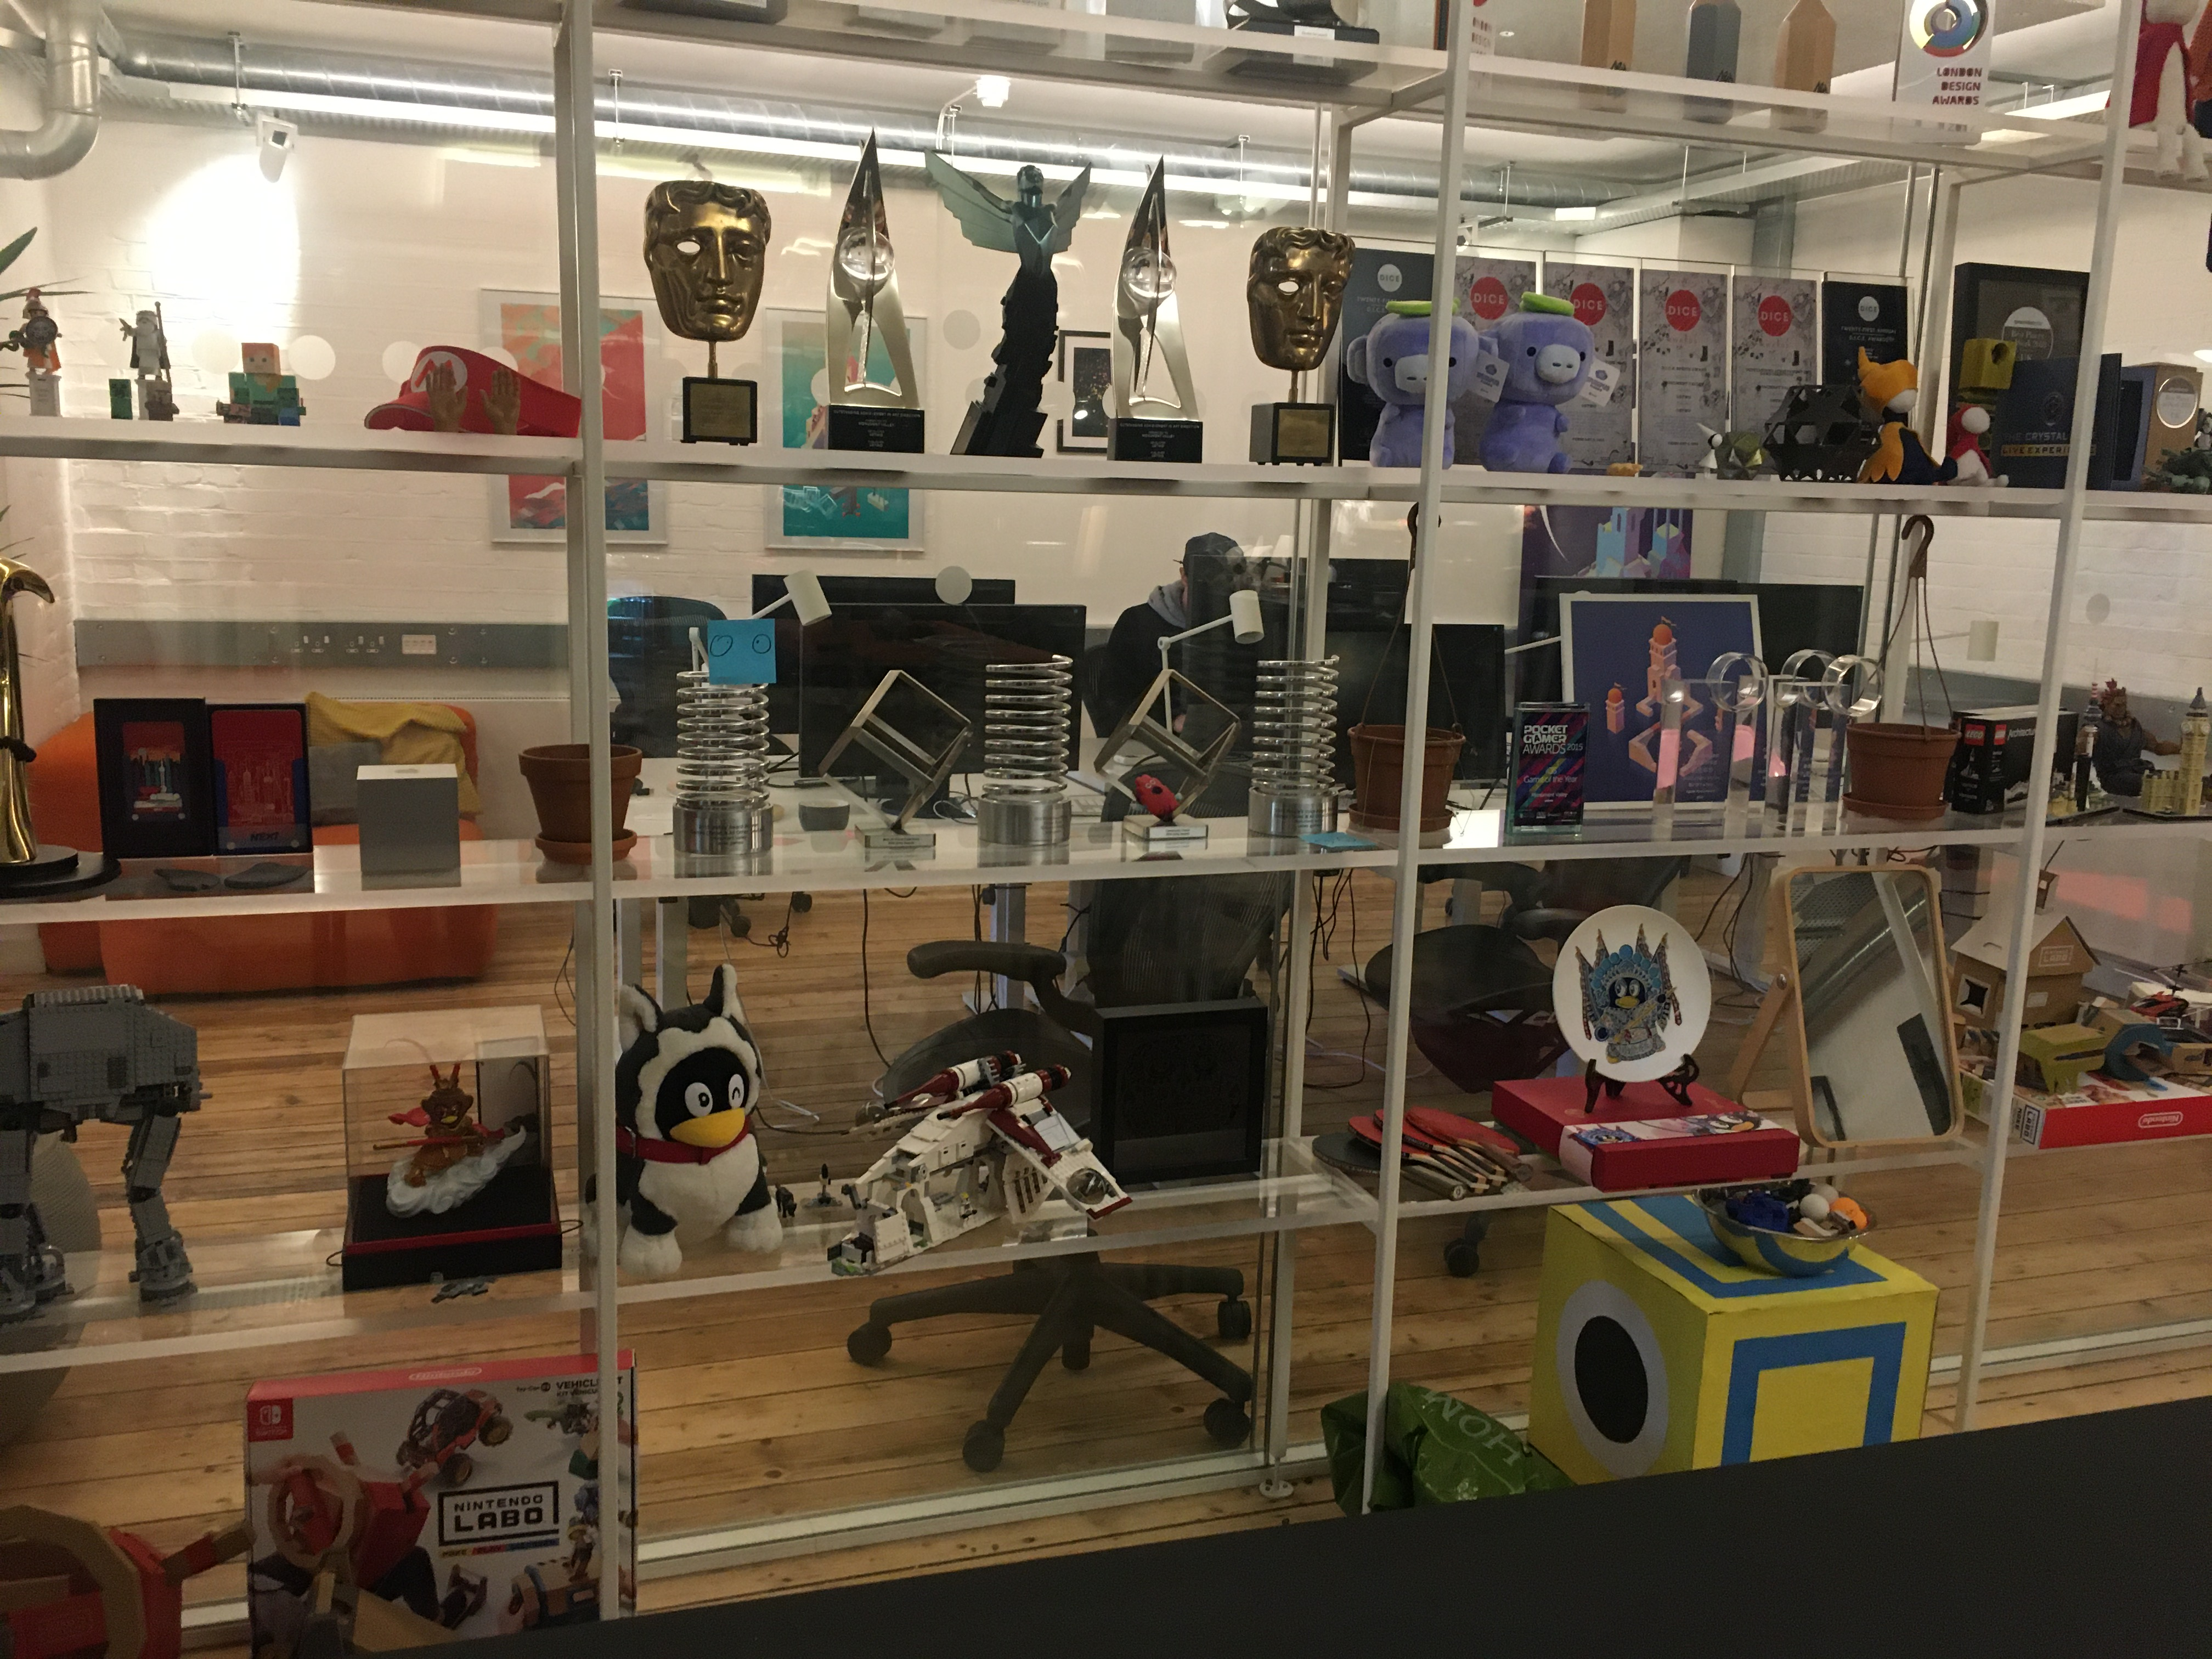 798游戏艺术工厂_艺术创意无国界  Hardfun探访纪念碑谷USTWO团队伦敦工作室 – Hardfun